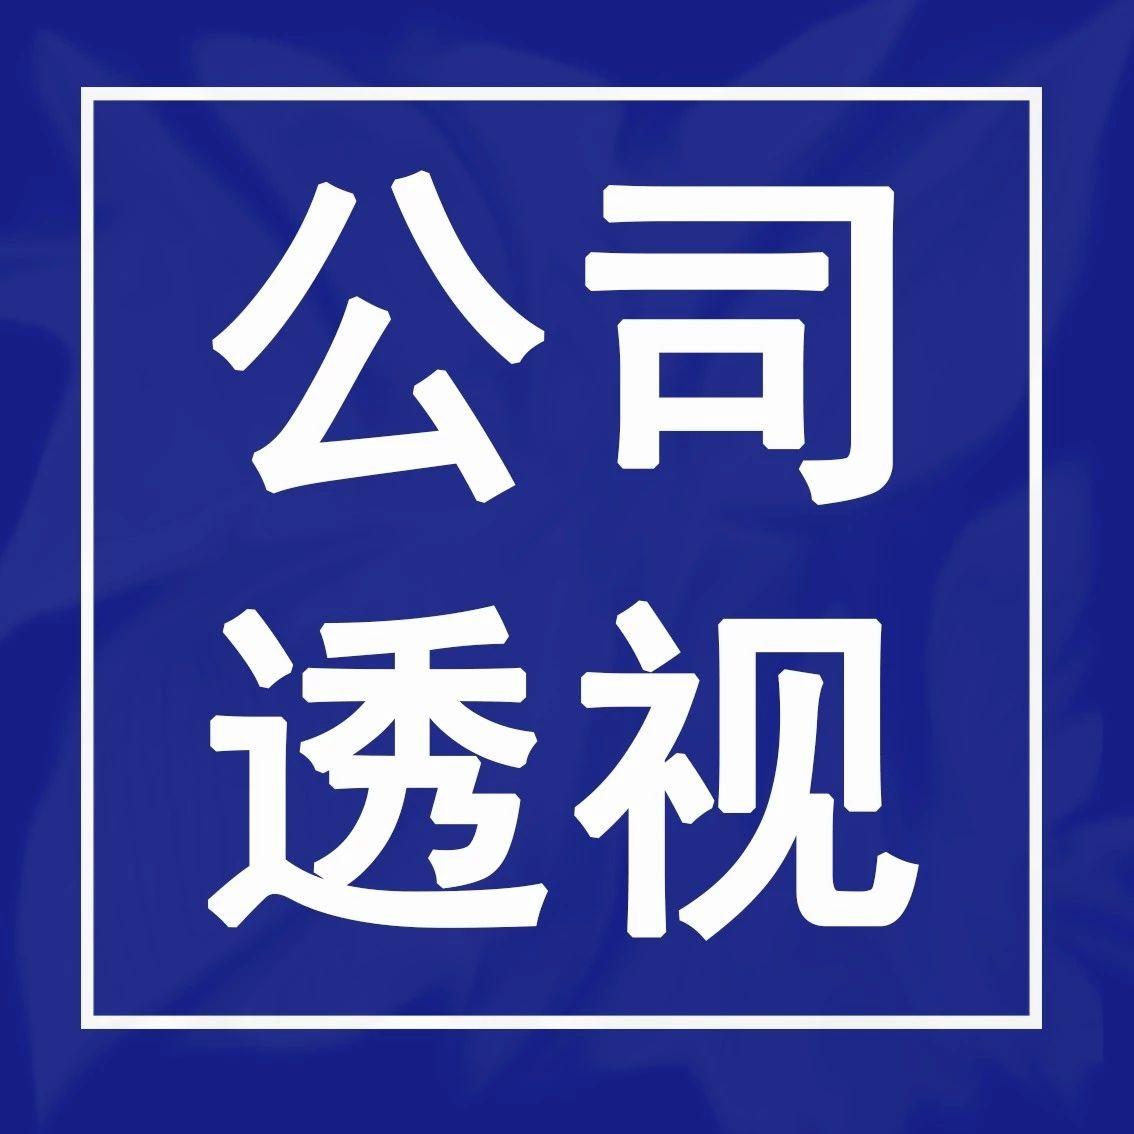 新三板|天德泰股东孙志宏减持105万股 变动后持股比例34.96%